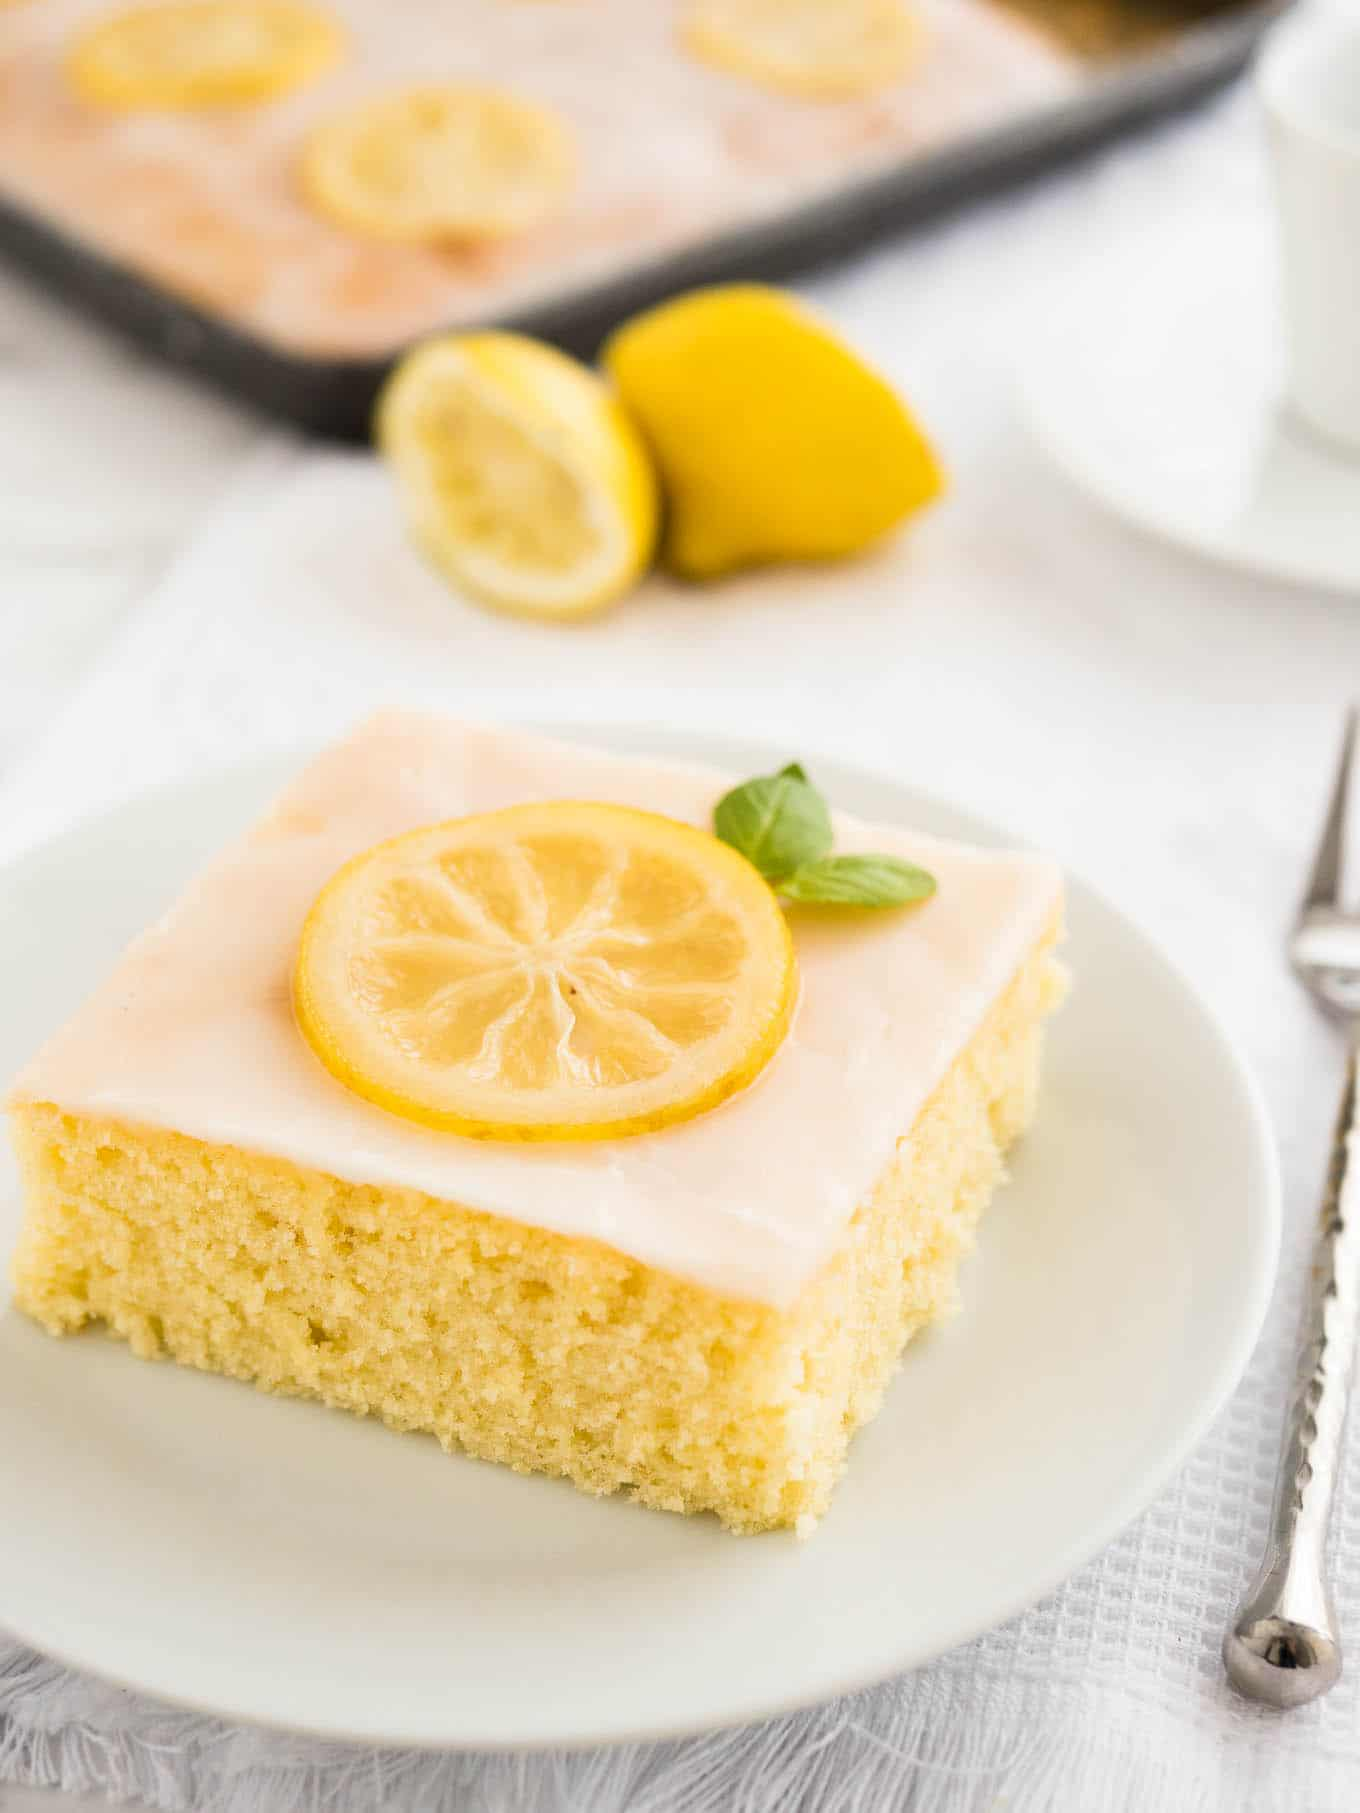 Moist Lemon Cake Plated